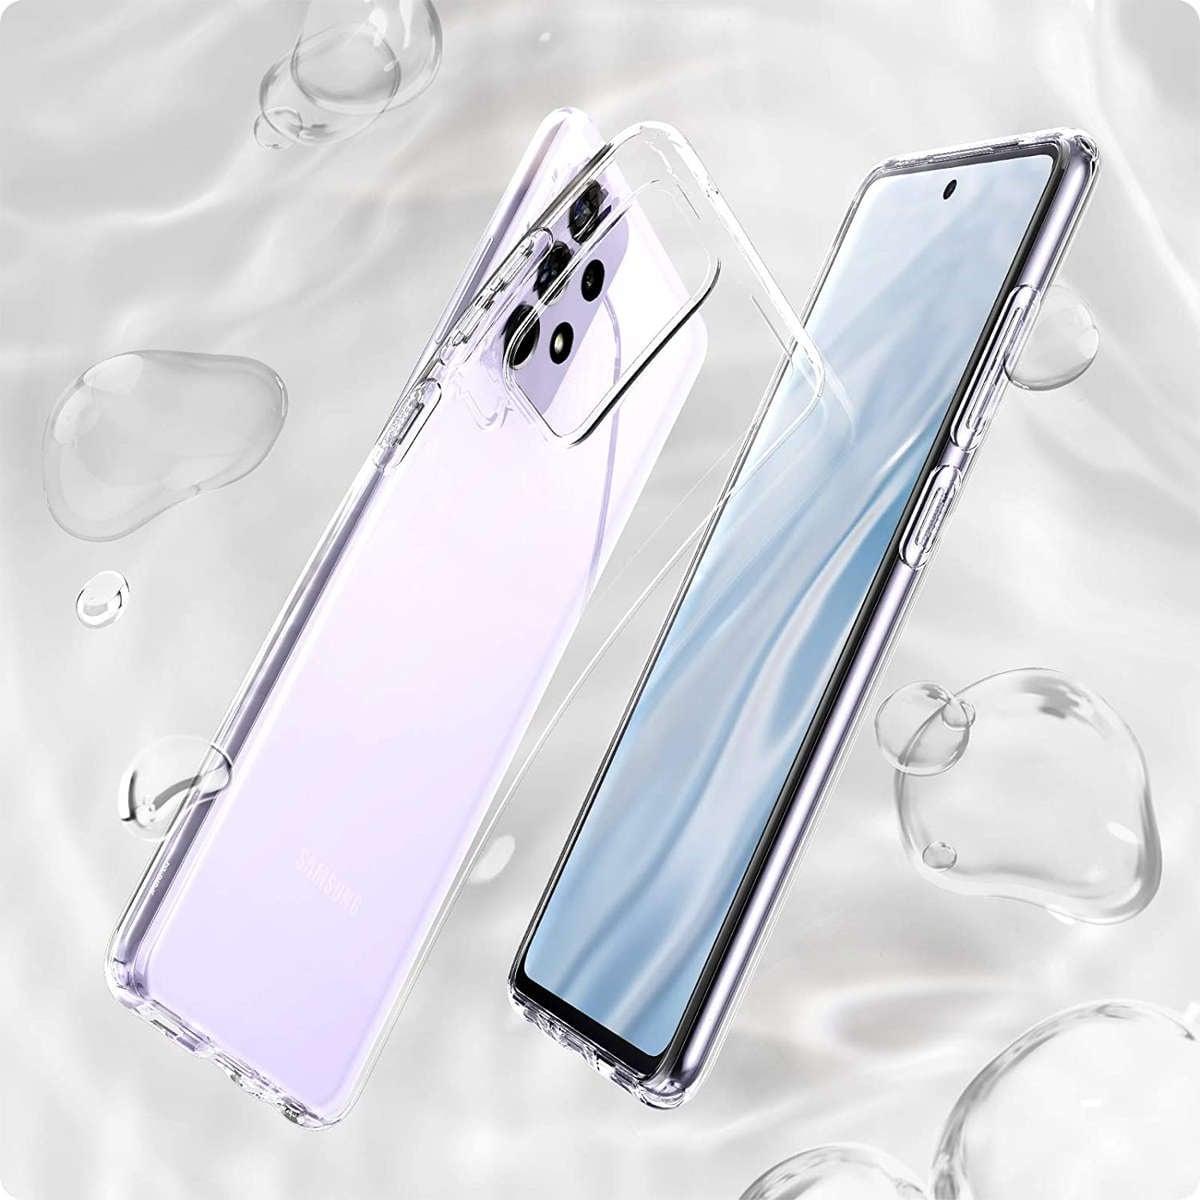 Etui Spigen Liquid Crystal do Samsung Galaxy A52 LTE/ 5G Crystal Clear - 11